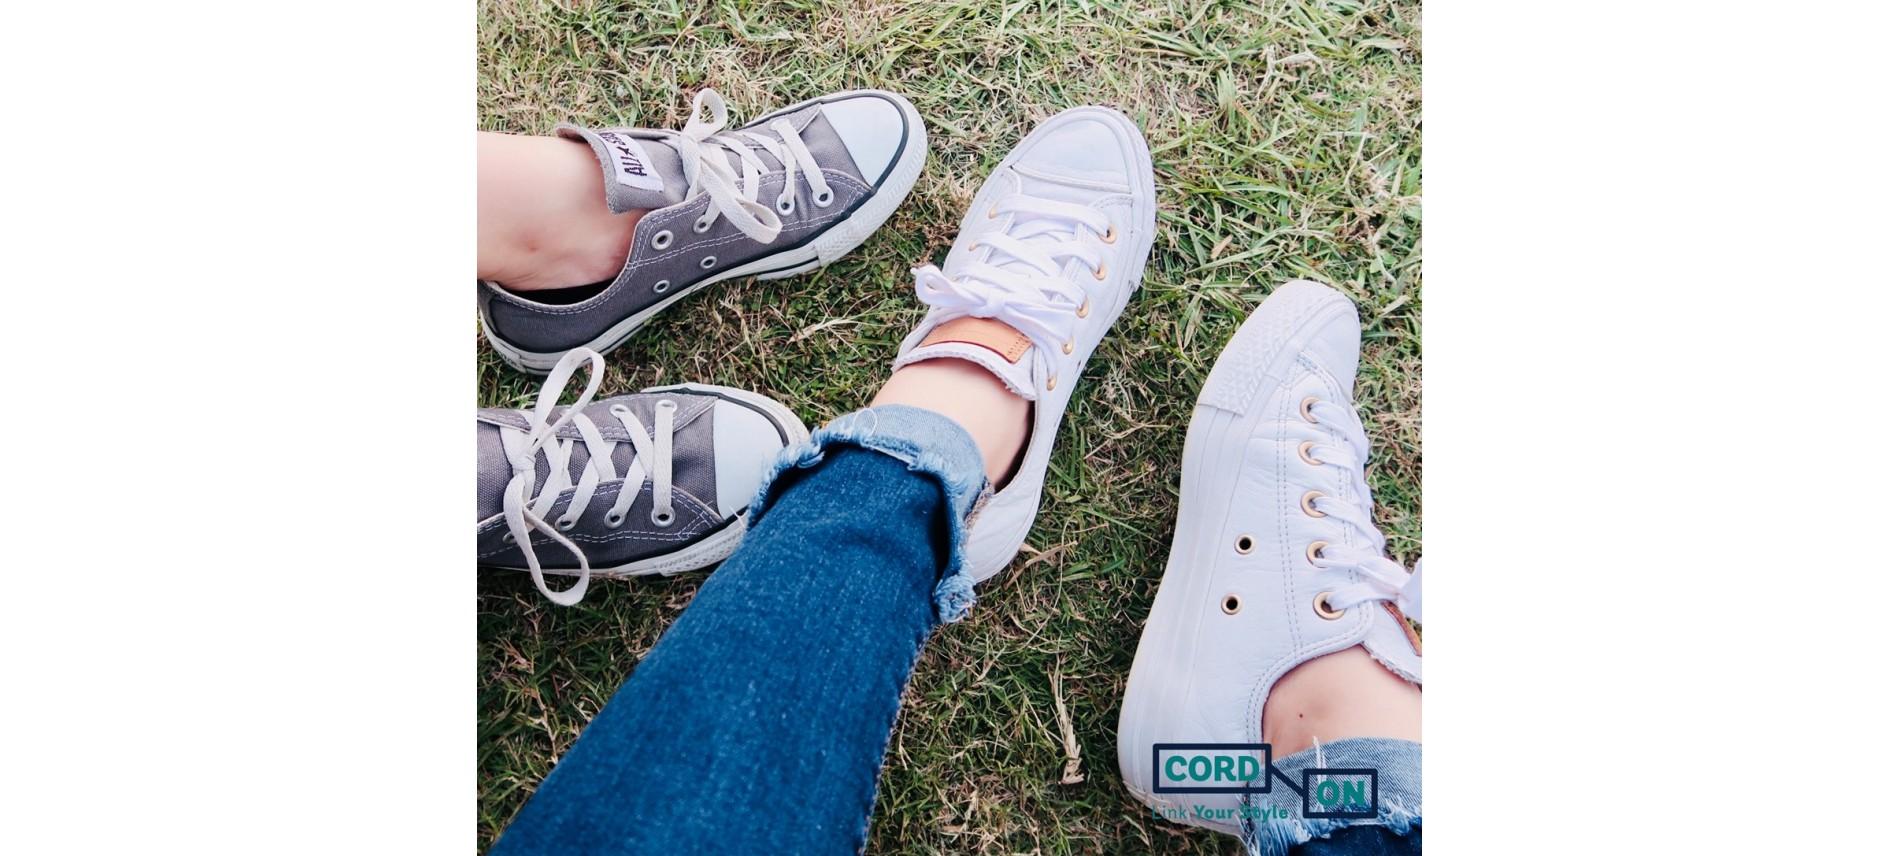 Cordones urbanos para zapatillas